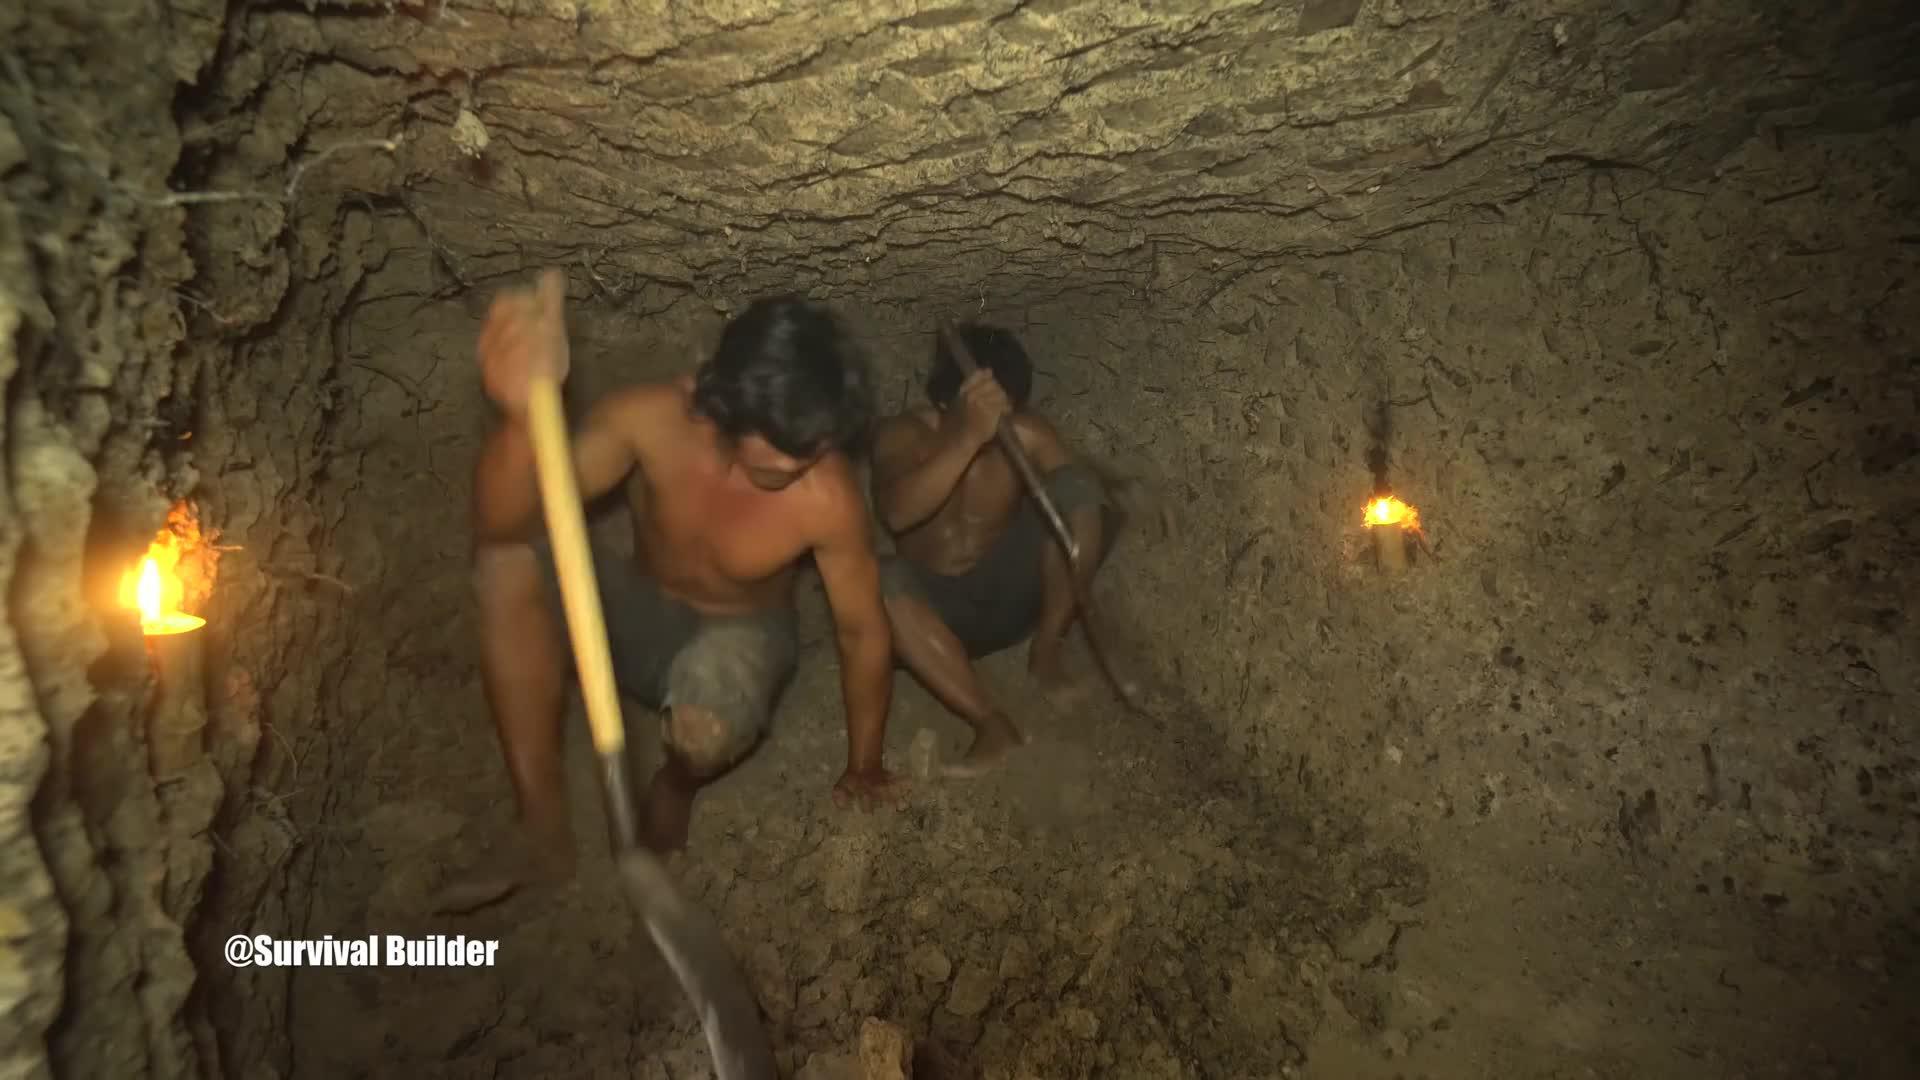 硬核荒野兄弟,徒手挖出地下泳池!点上蜡烛别有洞天